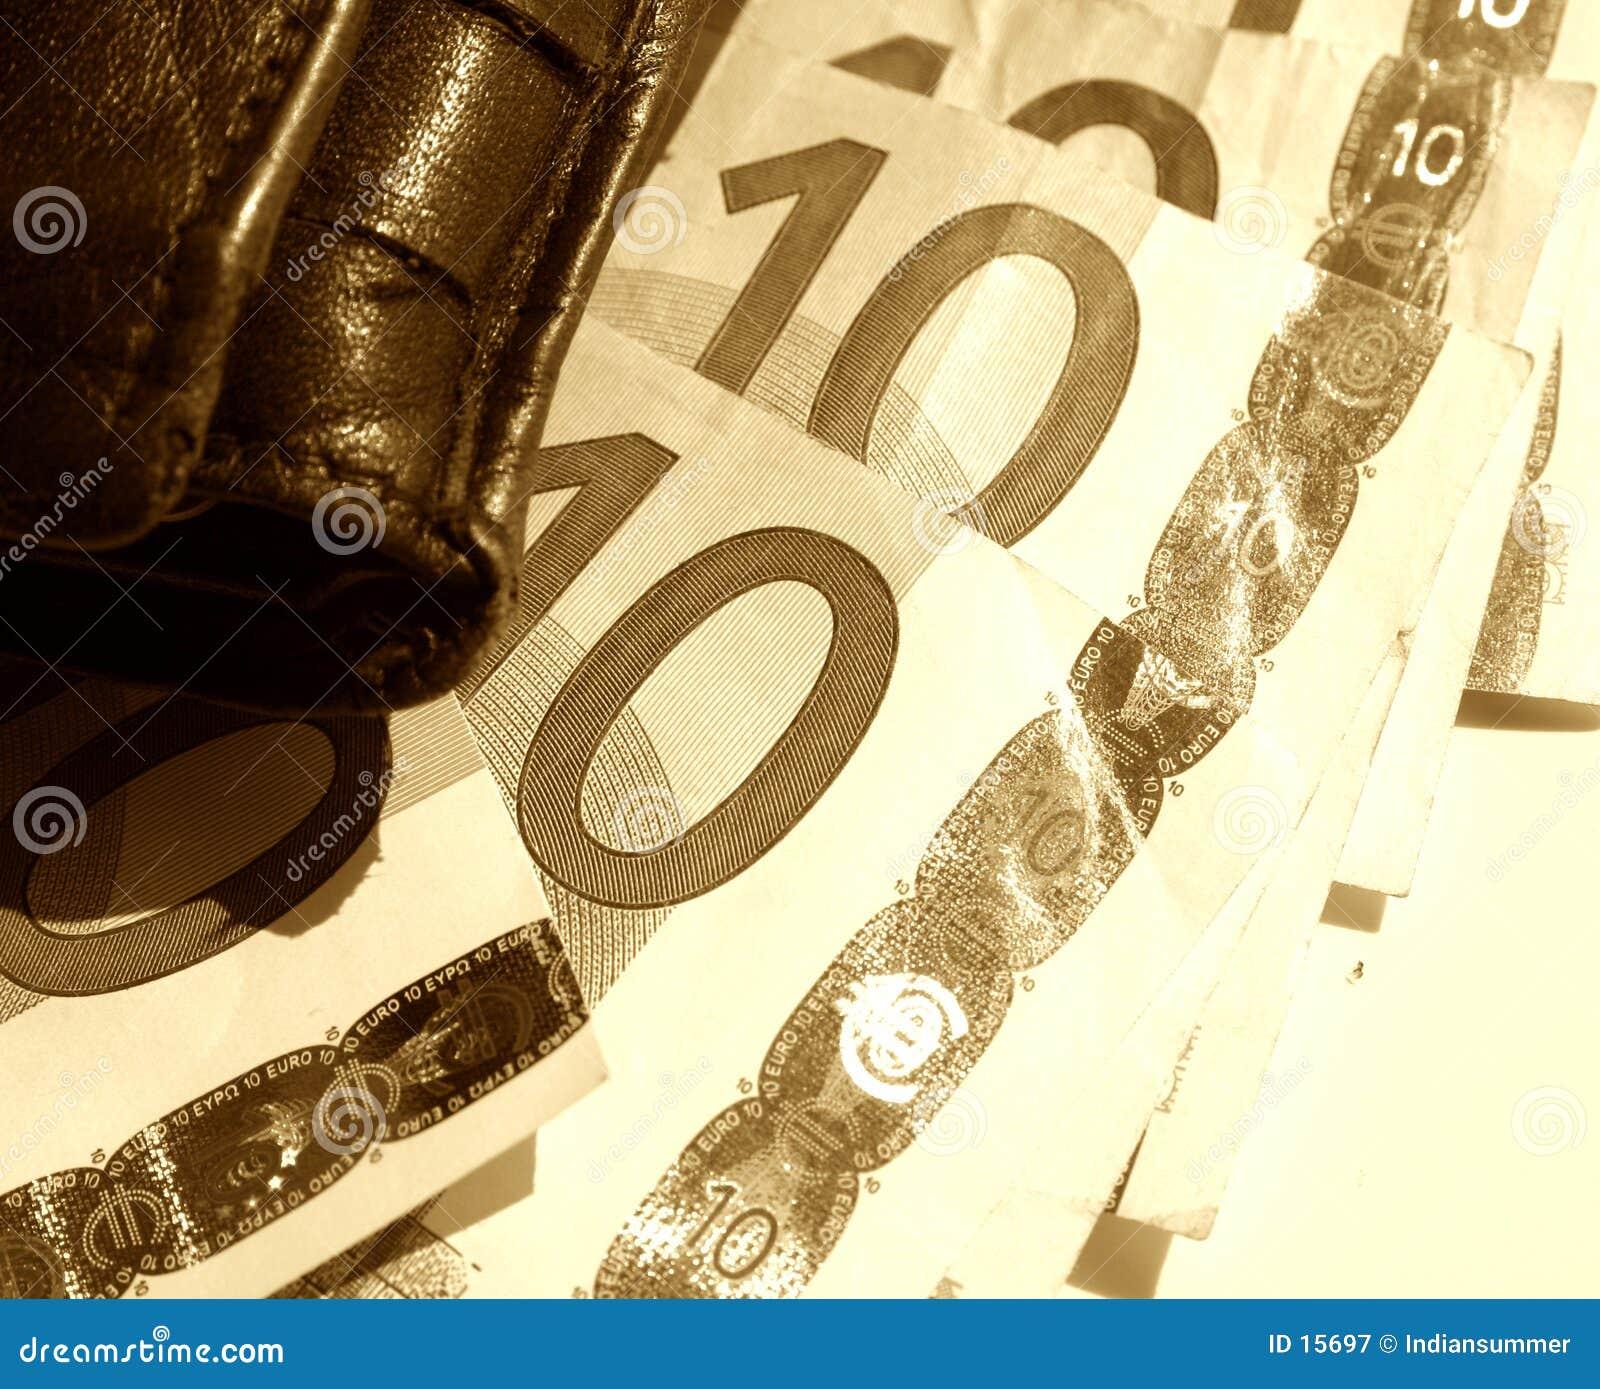 欧元草图钱包